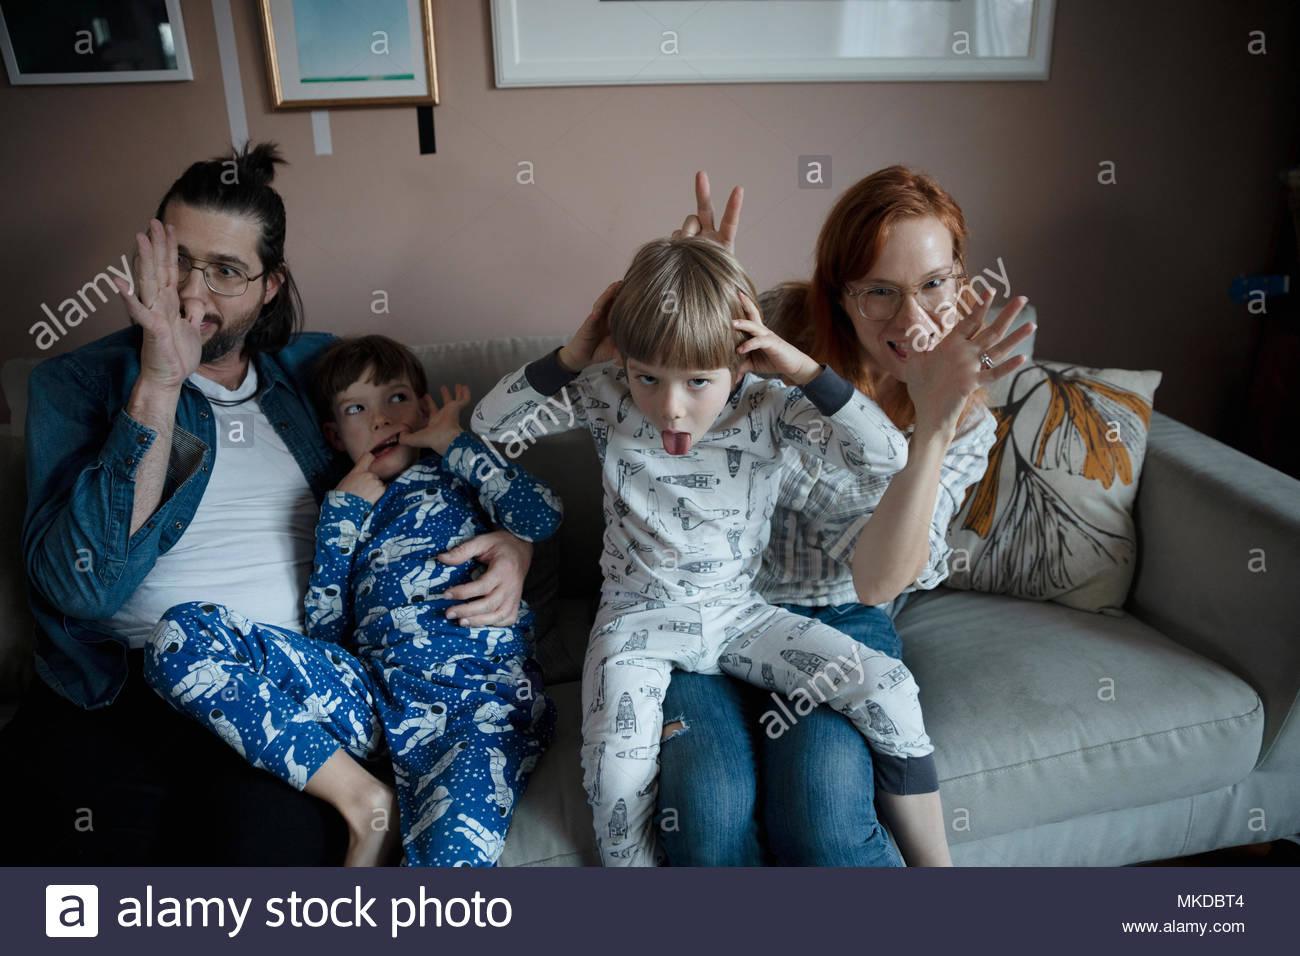 Retrato de familia juguetona haciendo caras, gesticulando en el sofá de la sala Imagen De Stock